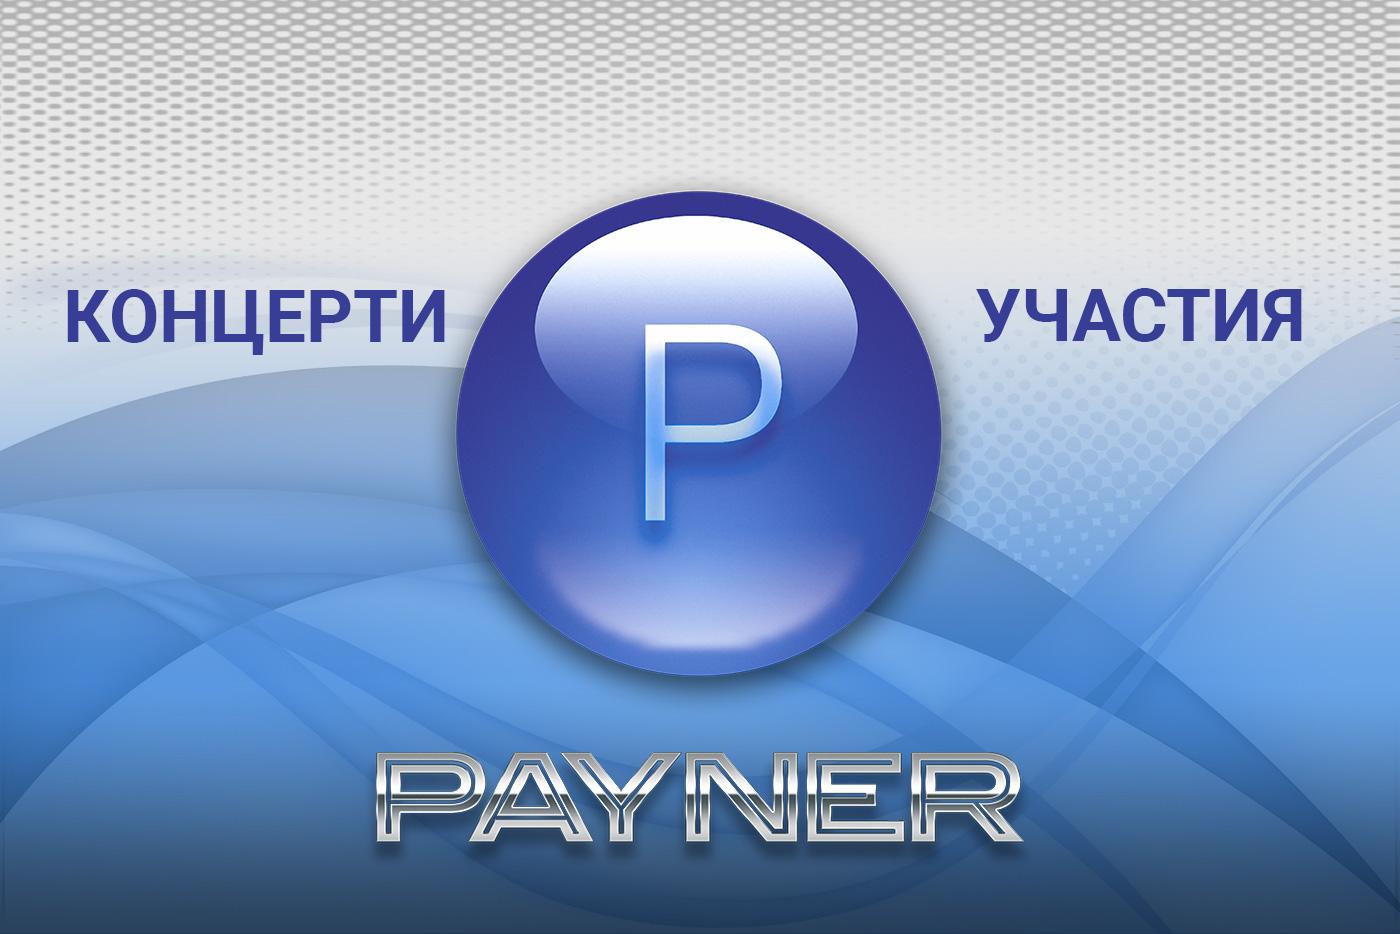 """Участия на звездите на """"Пайнер"""" на 27.01.2020"""